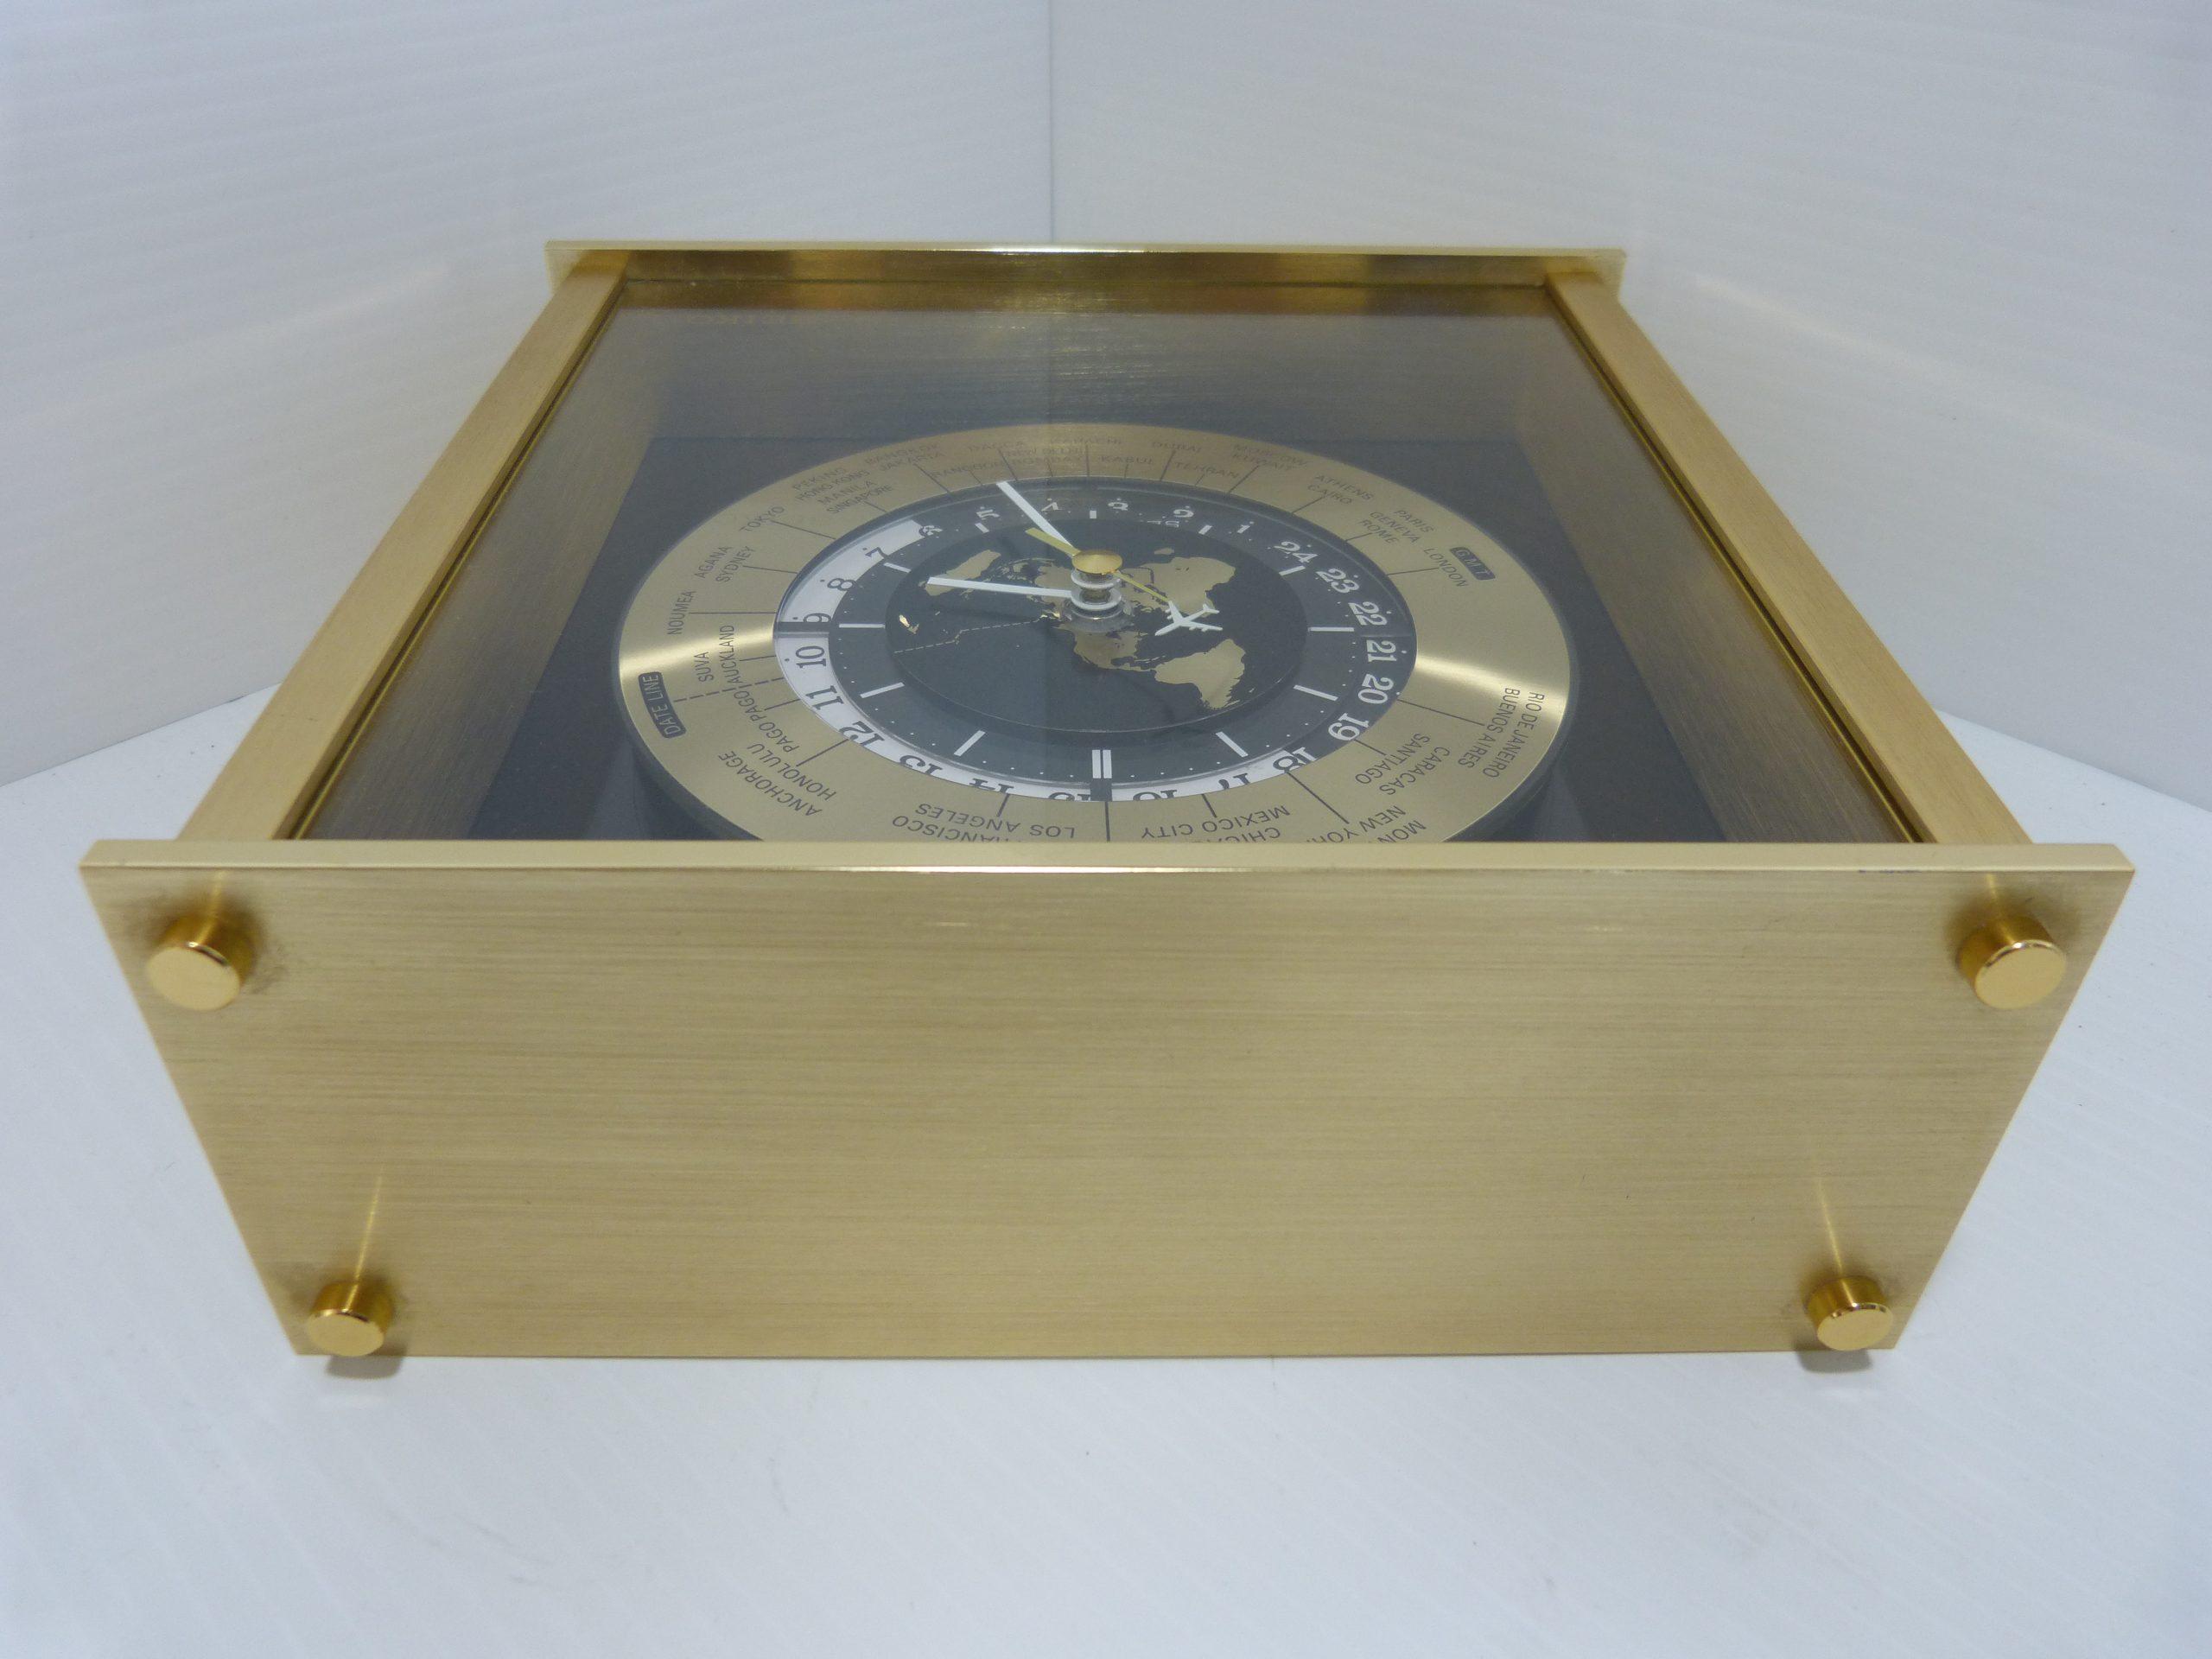 Seiko World Time Quartz Brass Mantel Clock